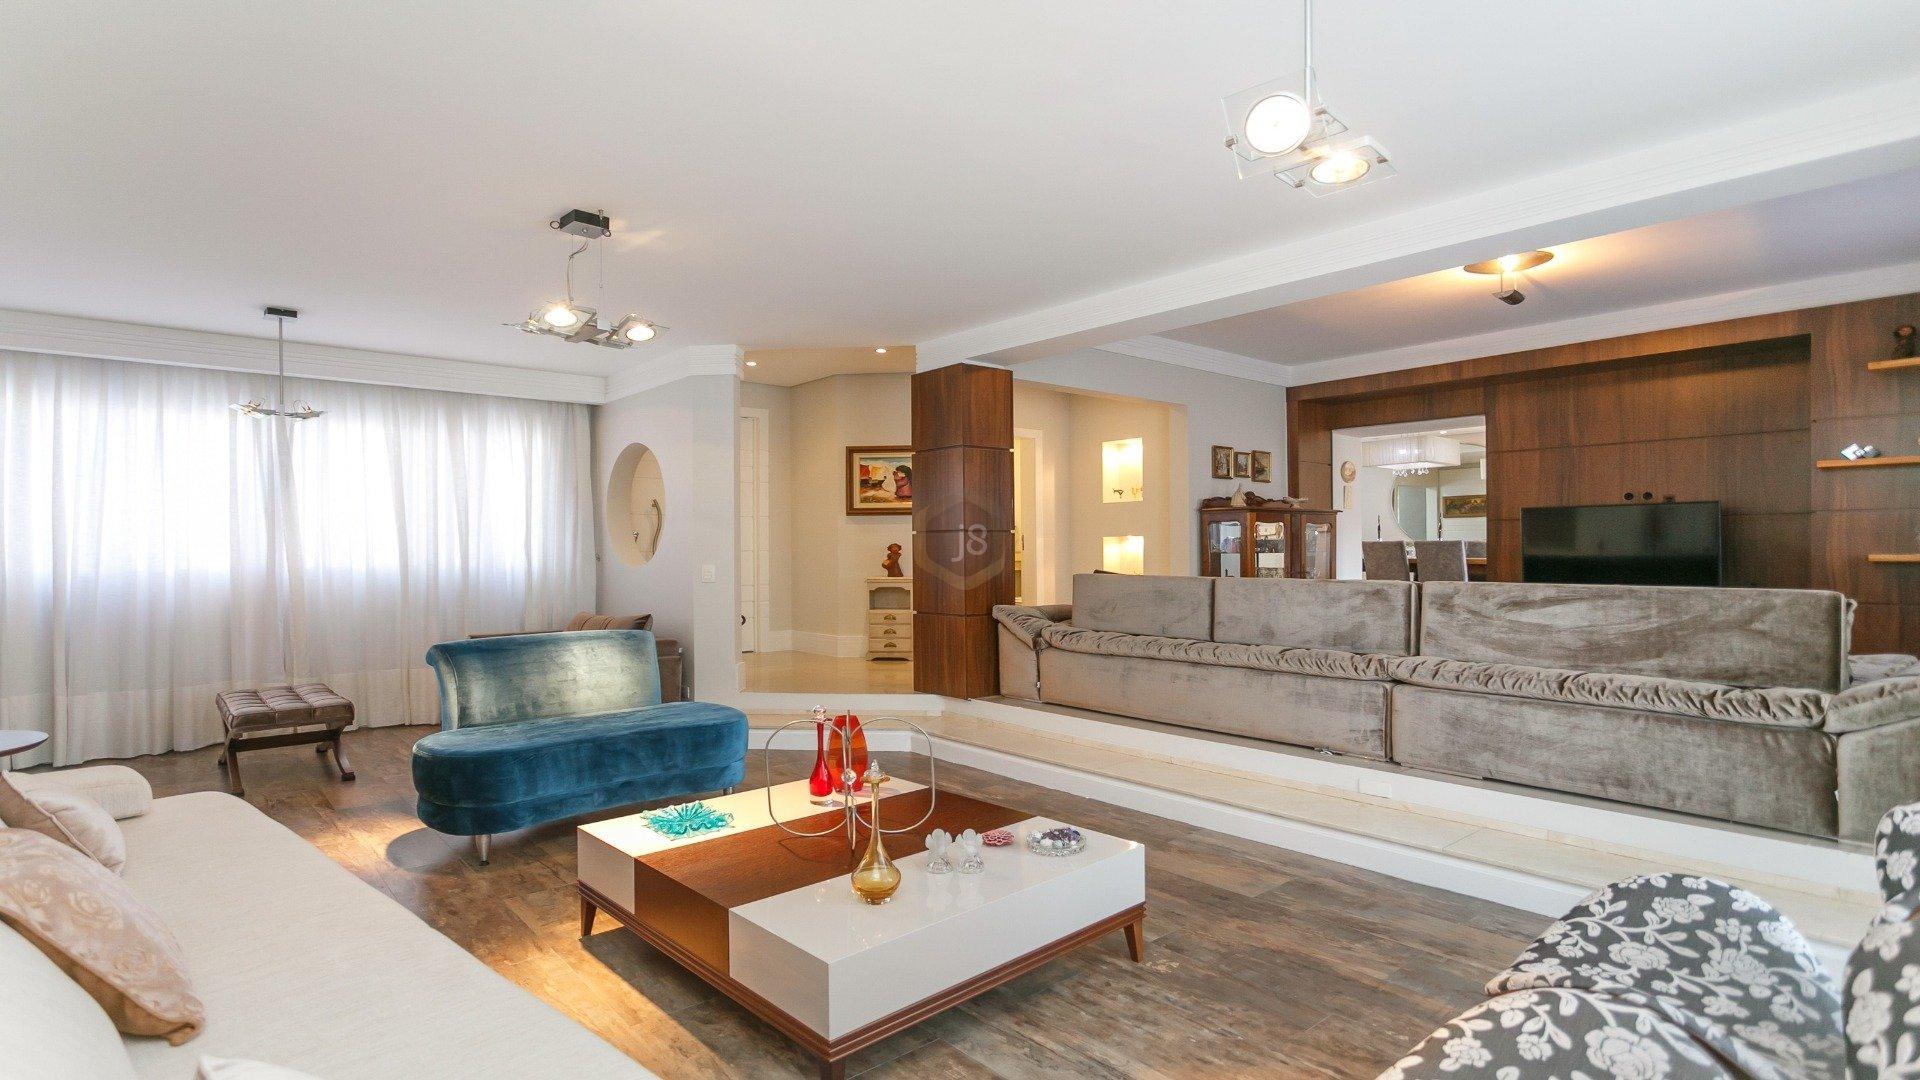 Foto de destaque Localização, espaço e conforto para sua família!